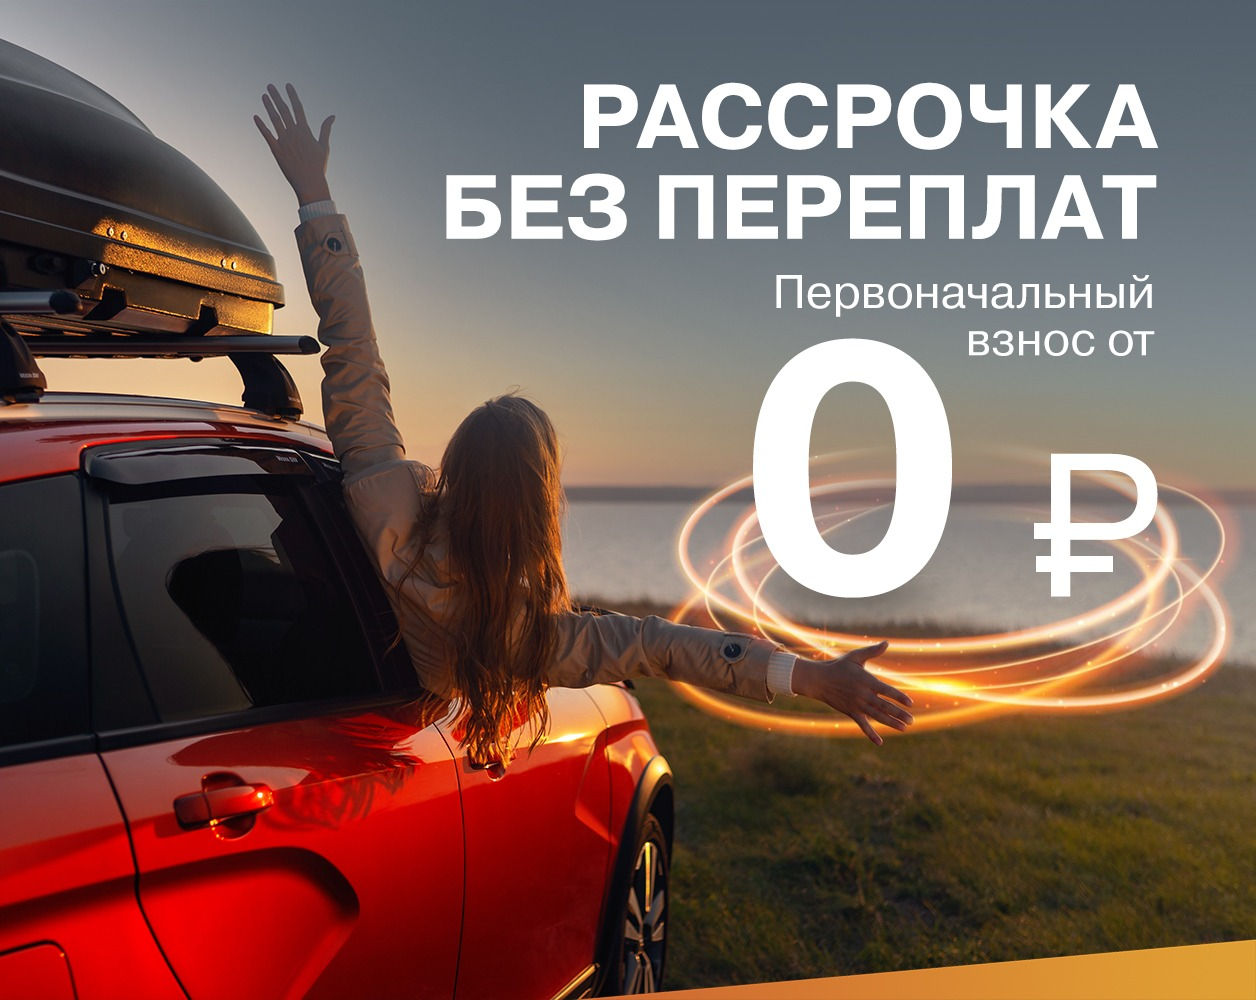 РАССРОЧКА БЕЗ ПЕРЕПЛАТ НА 24 МЕС